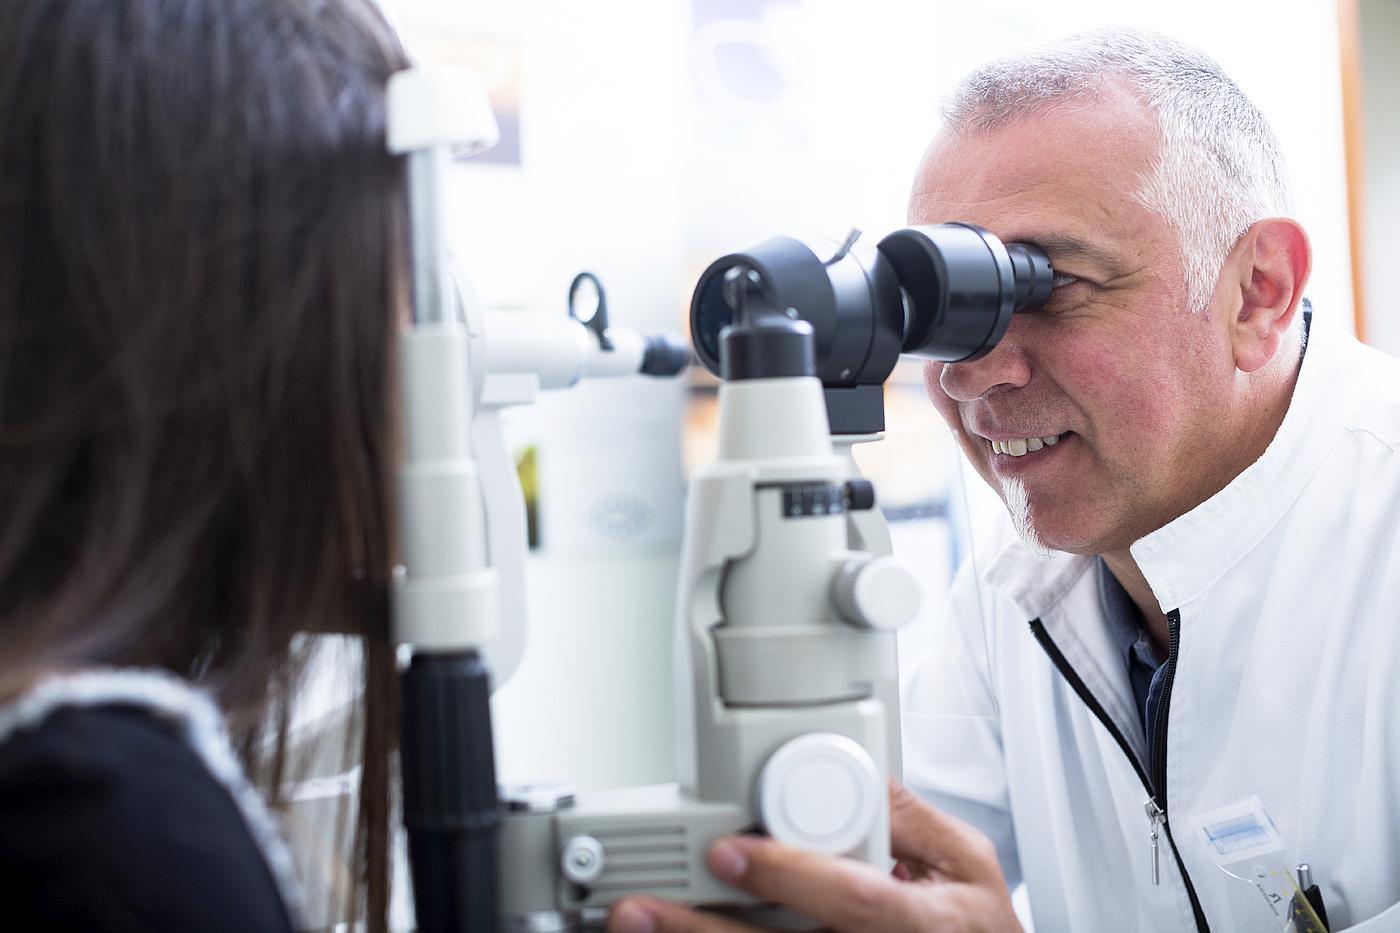 Iskoristite priliku i poboljšajte kvalitetu svojeg vida.